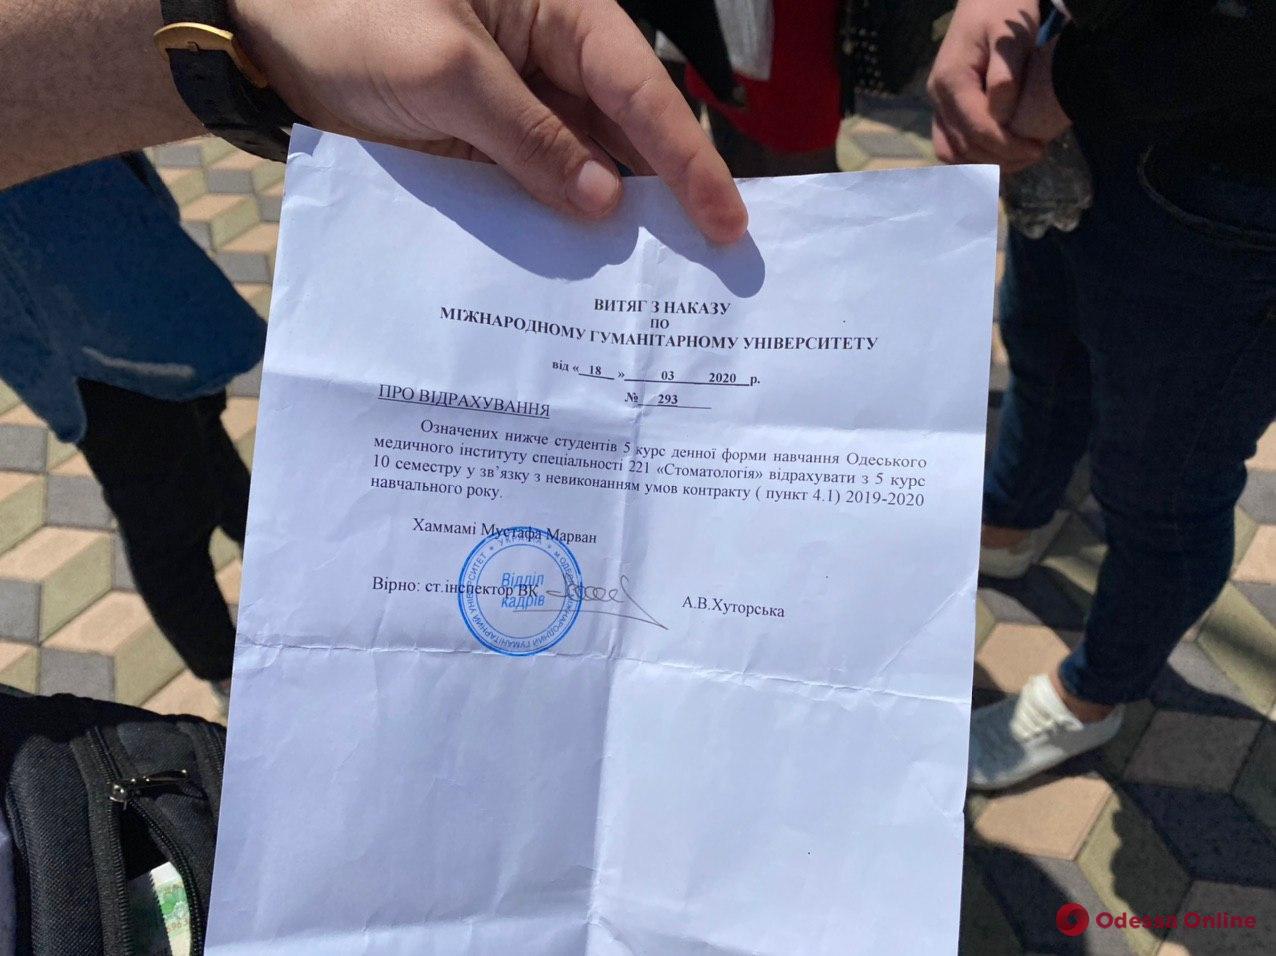 Скандал: студентов-медиков 5-го курса МГУ отчислили из-за несданного два года назад экзамена «КРОК-1»